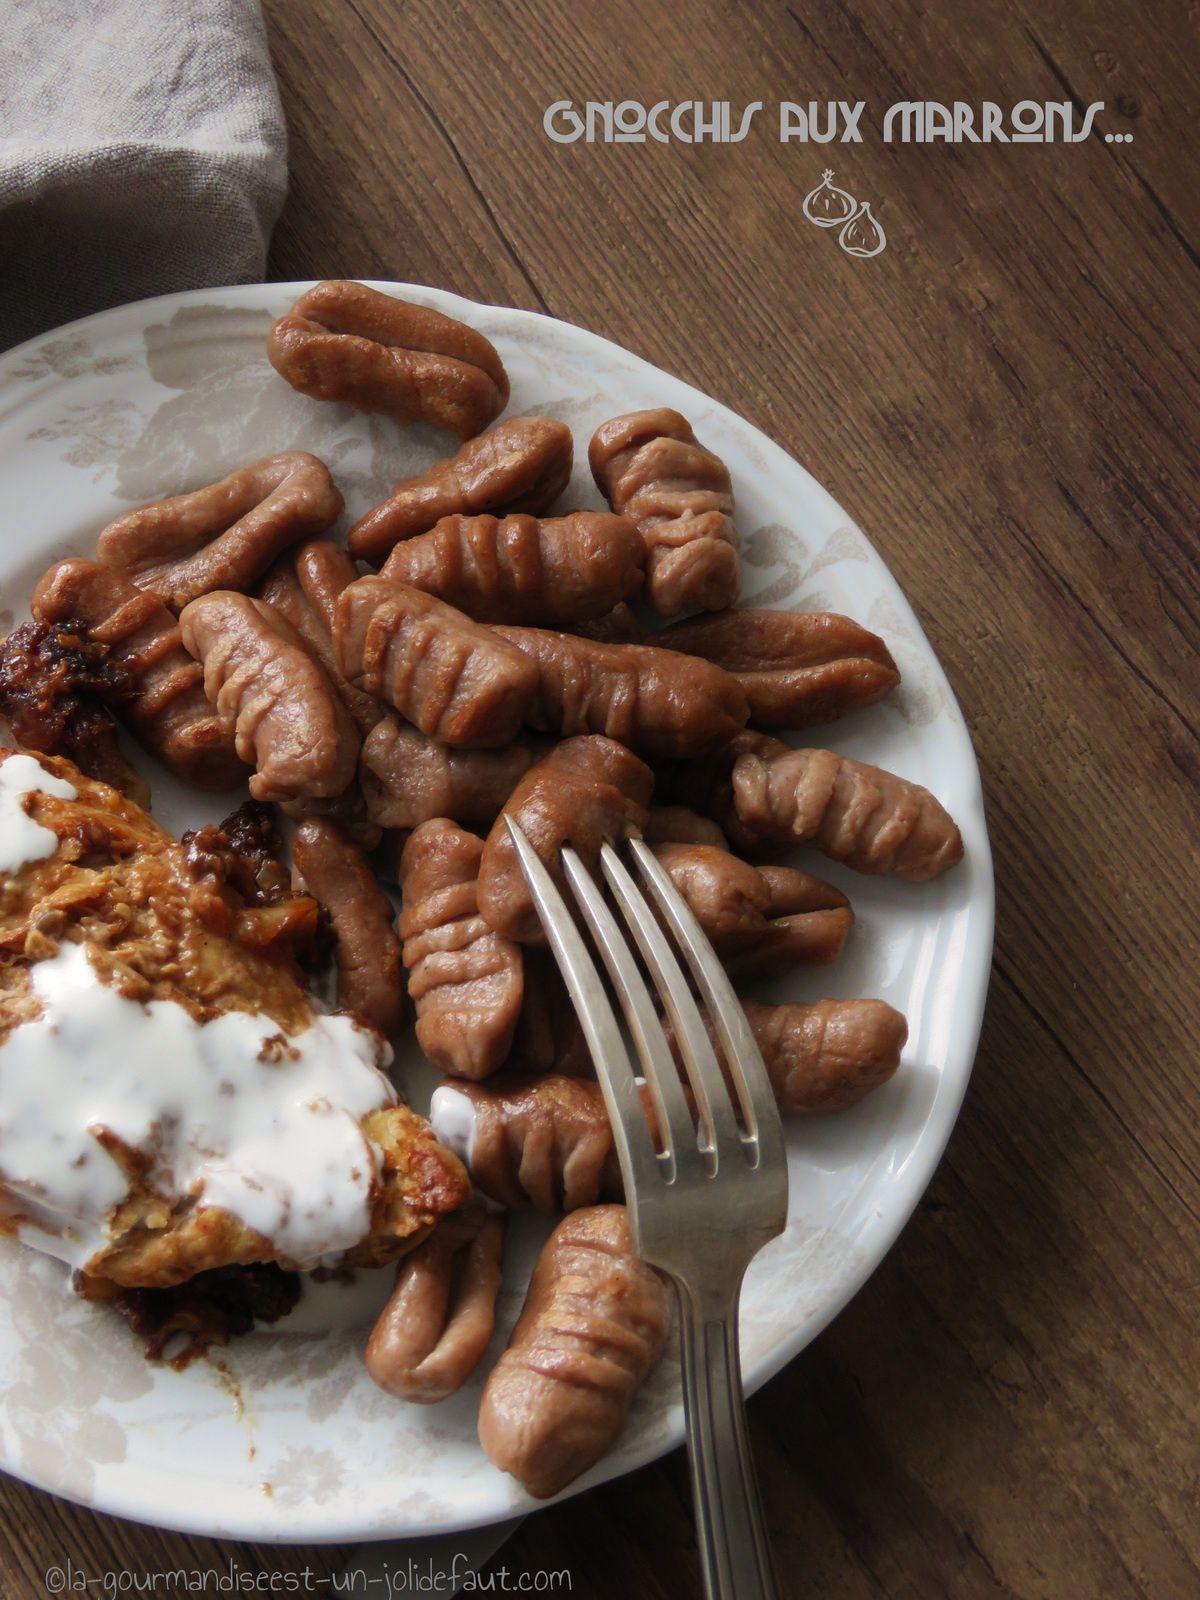 Gnocchis aux marrons